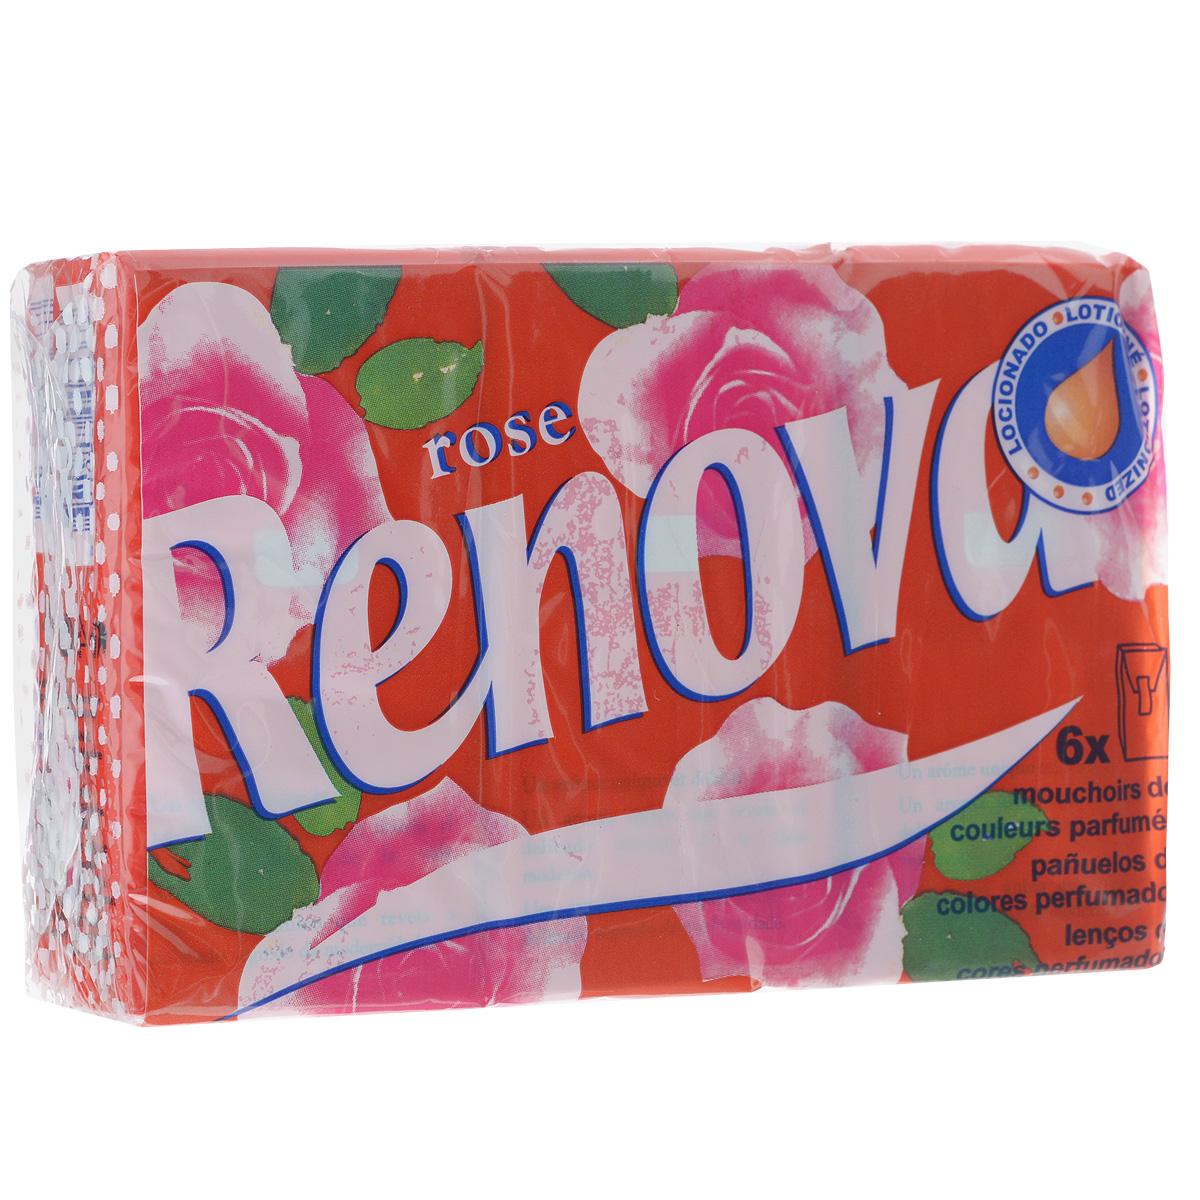 Платочки бумажные Renova Rose, парфюмированные, четырехслойные, цвет: красный, 6 пачек5010777142037Бумажные гигиенические платочки Renova Rose,изготовленные из 100% натуральной целлюлозы, подходят для детей и взрослых. Они обладают уникальными свойствами, так как всегда остаются мягкими на ощупь, прочными и отлично впитывающими влагу и могут быть пригодными в любой ситуации. Яркие бумажные платочки Renova Rose имеют легкий аромат цветочного парфюма. Удобная небольшая упаковка позволяет носить платочки в кармане.Количество слоев: 4.Размер листа: 21 см х 21 см.Количество пачек: 6 шт.Количество платочков в каждой пачке: 9 шт. Португальская компания Renova является ведущим разработчиком новейших технологий производства, нового стиля и направления на рынке гигиенической продукции. Современный дизайн и высочайшее качество, дерматологический контроль - это то, что выделяет компанию Renova среди других производителей бумажной санитарно-гигиенической продукции.